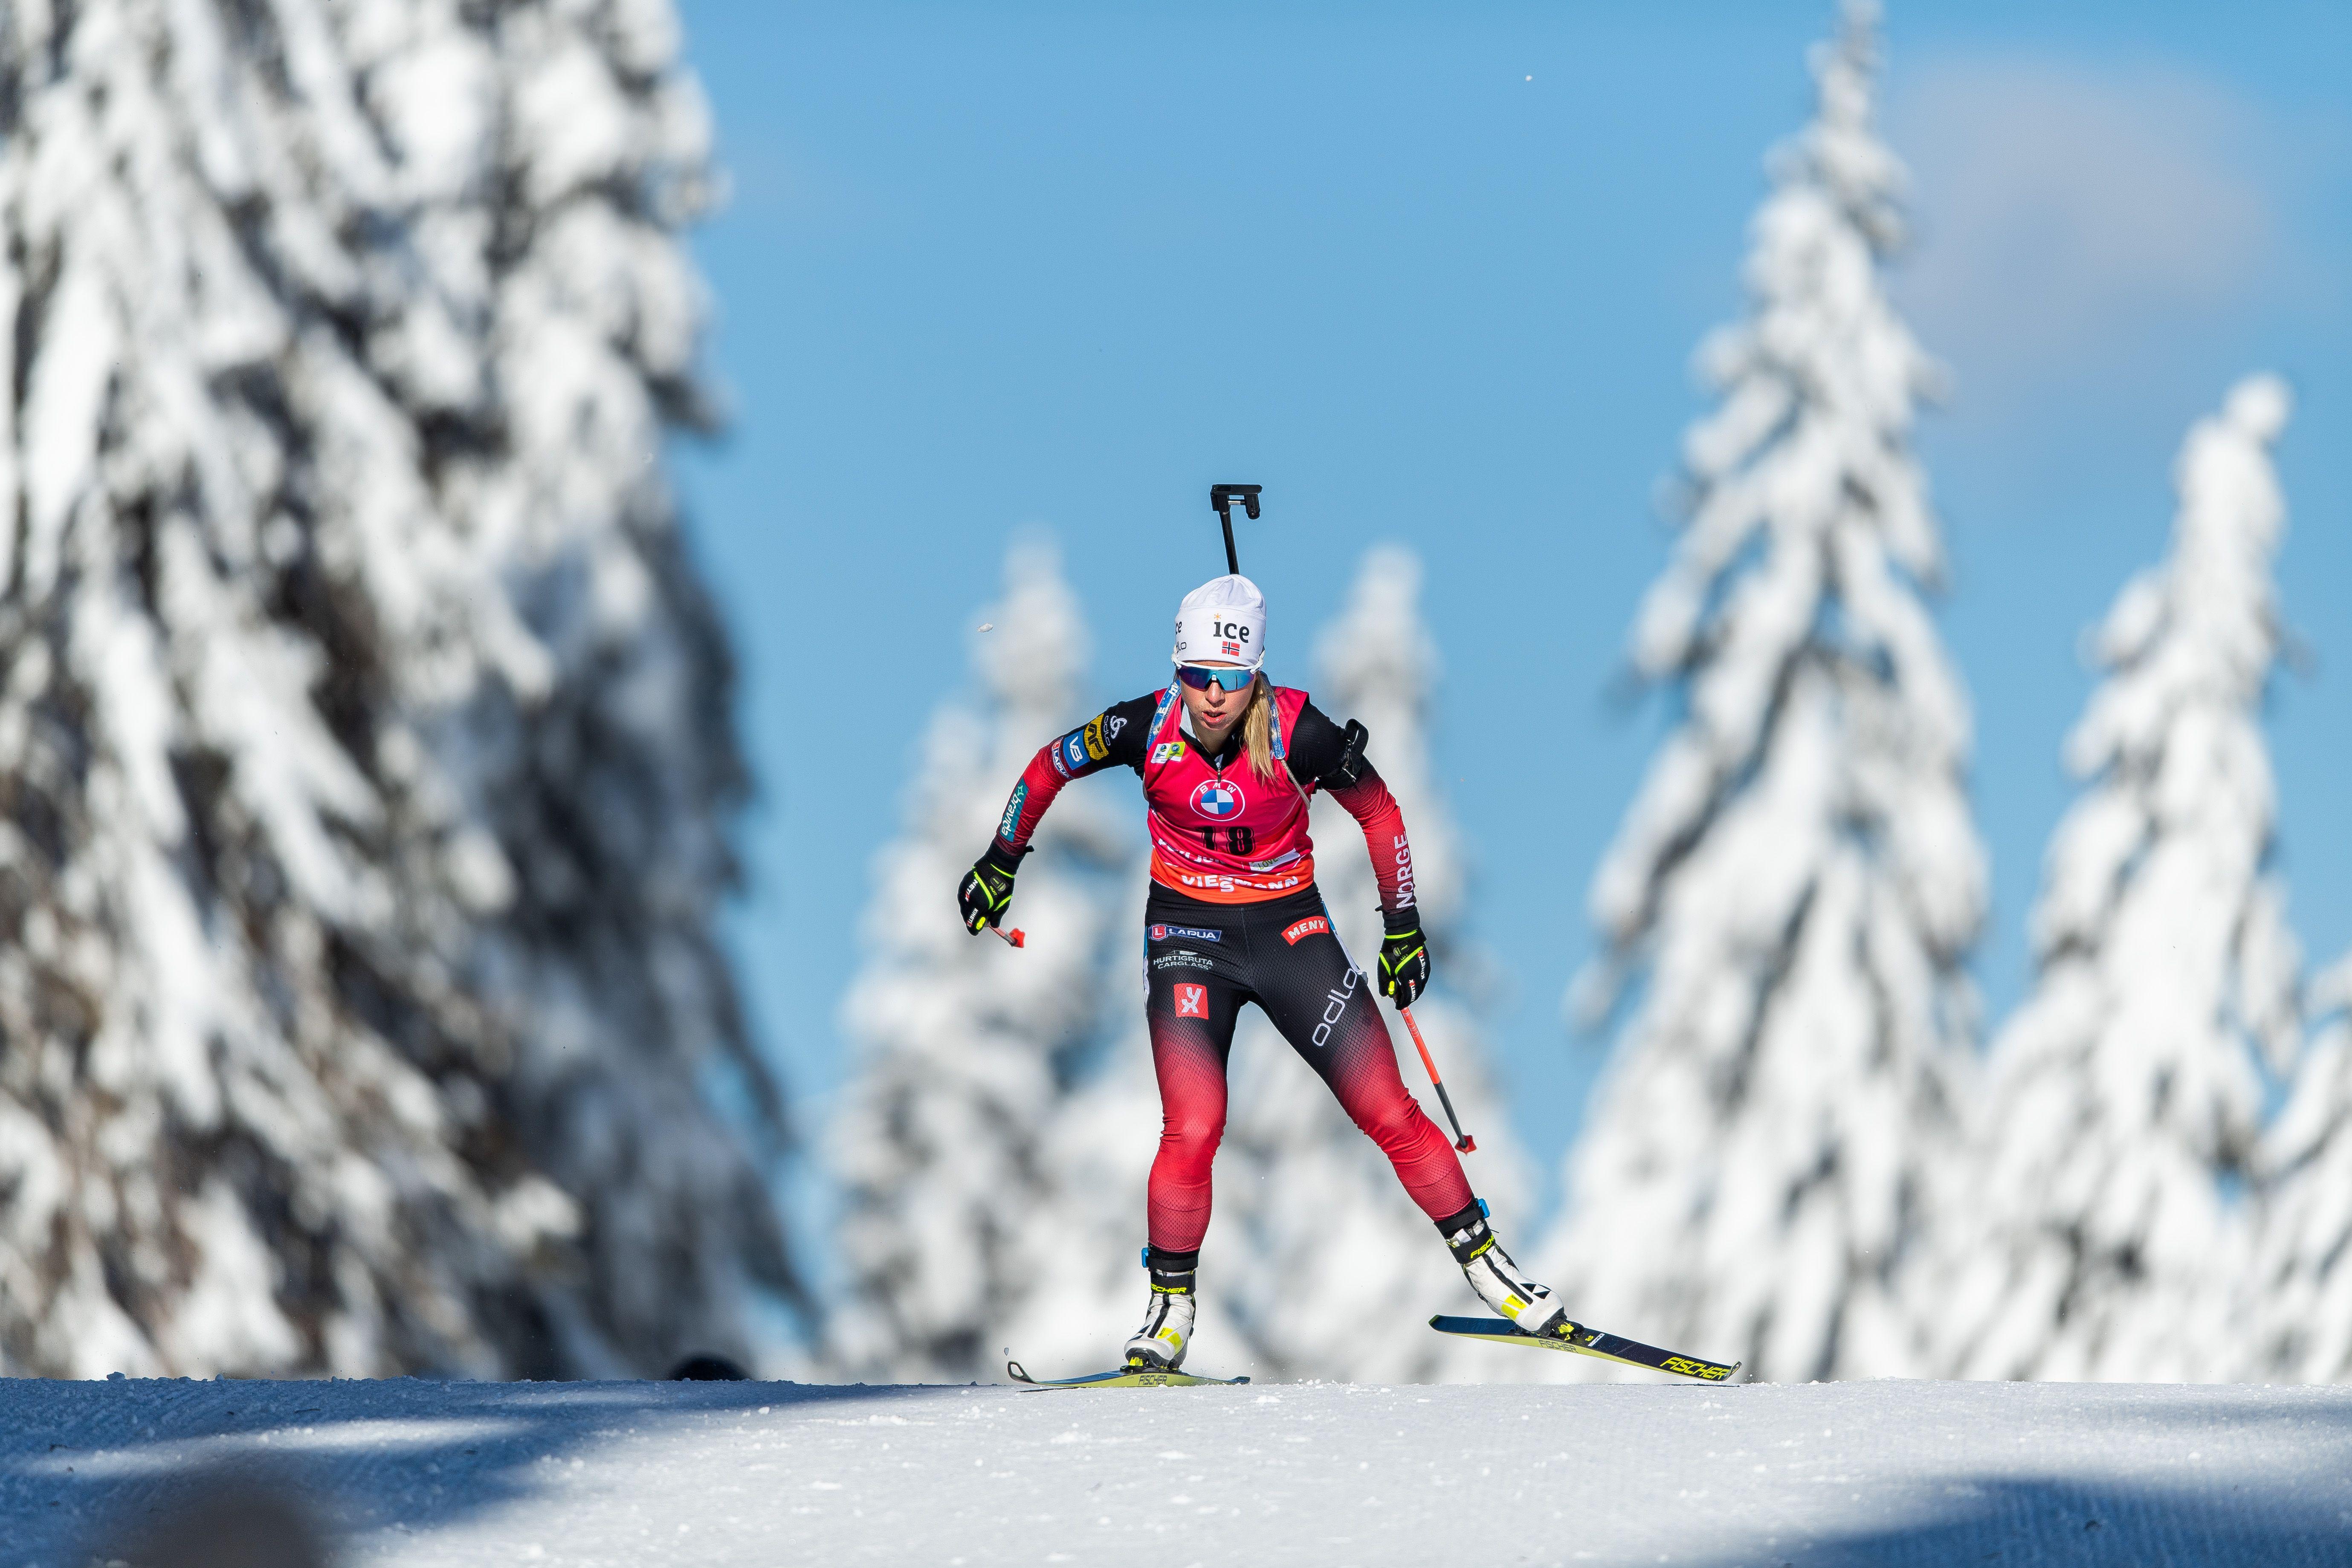 Носкова завоевала серебро в спринте на этапе Кубка IBU в Брезно-Осрблье: все результаты россиянок